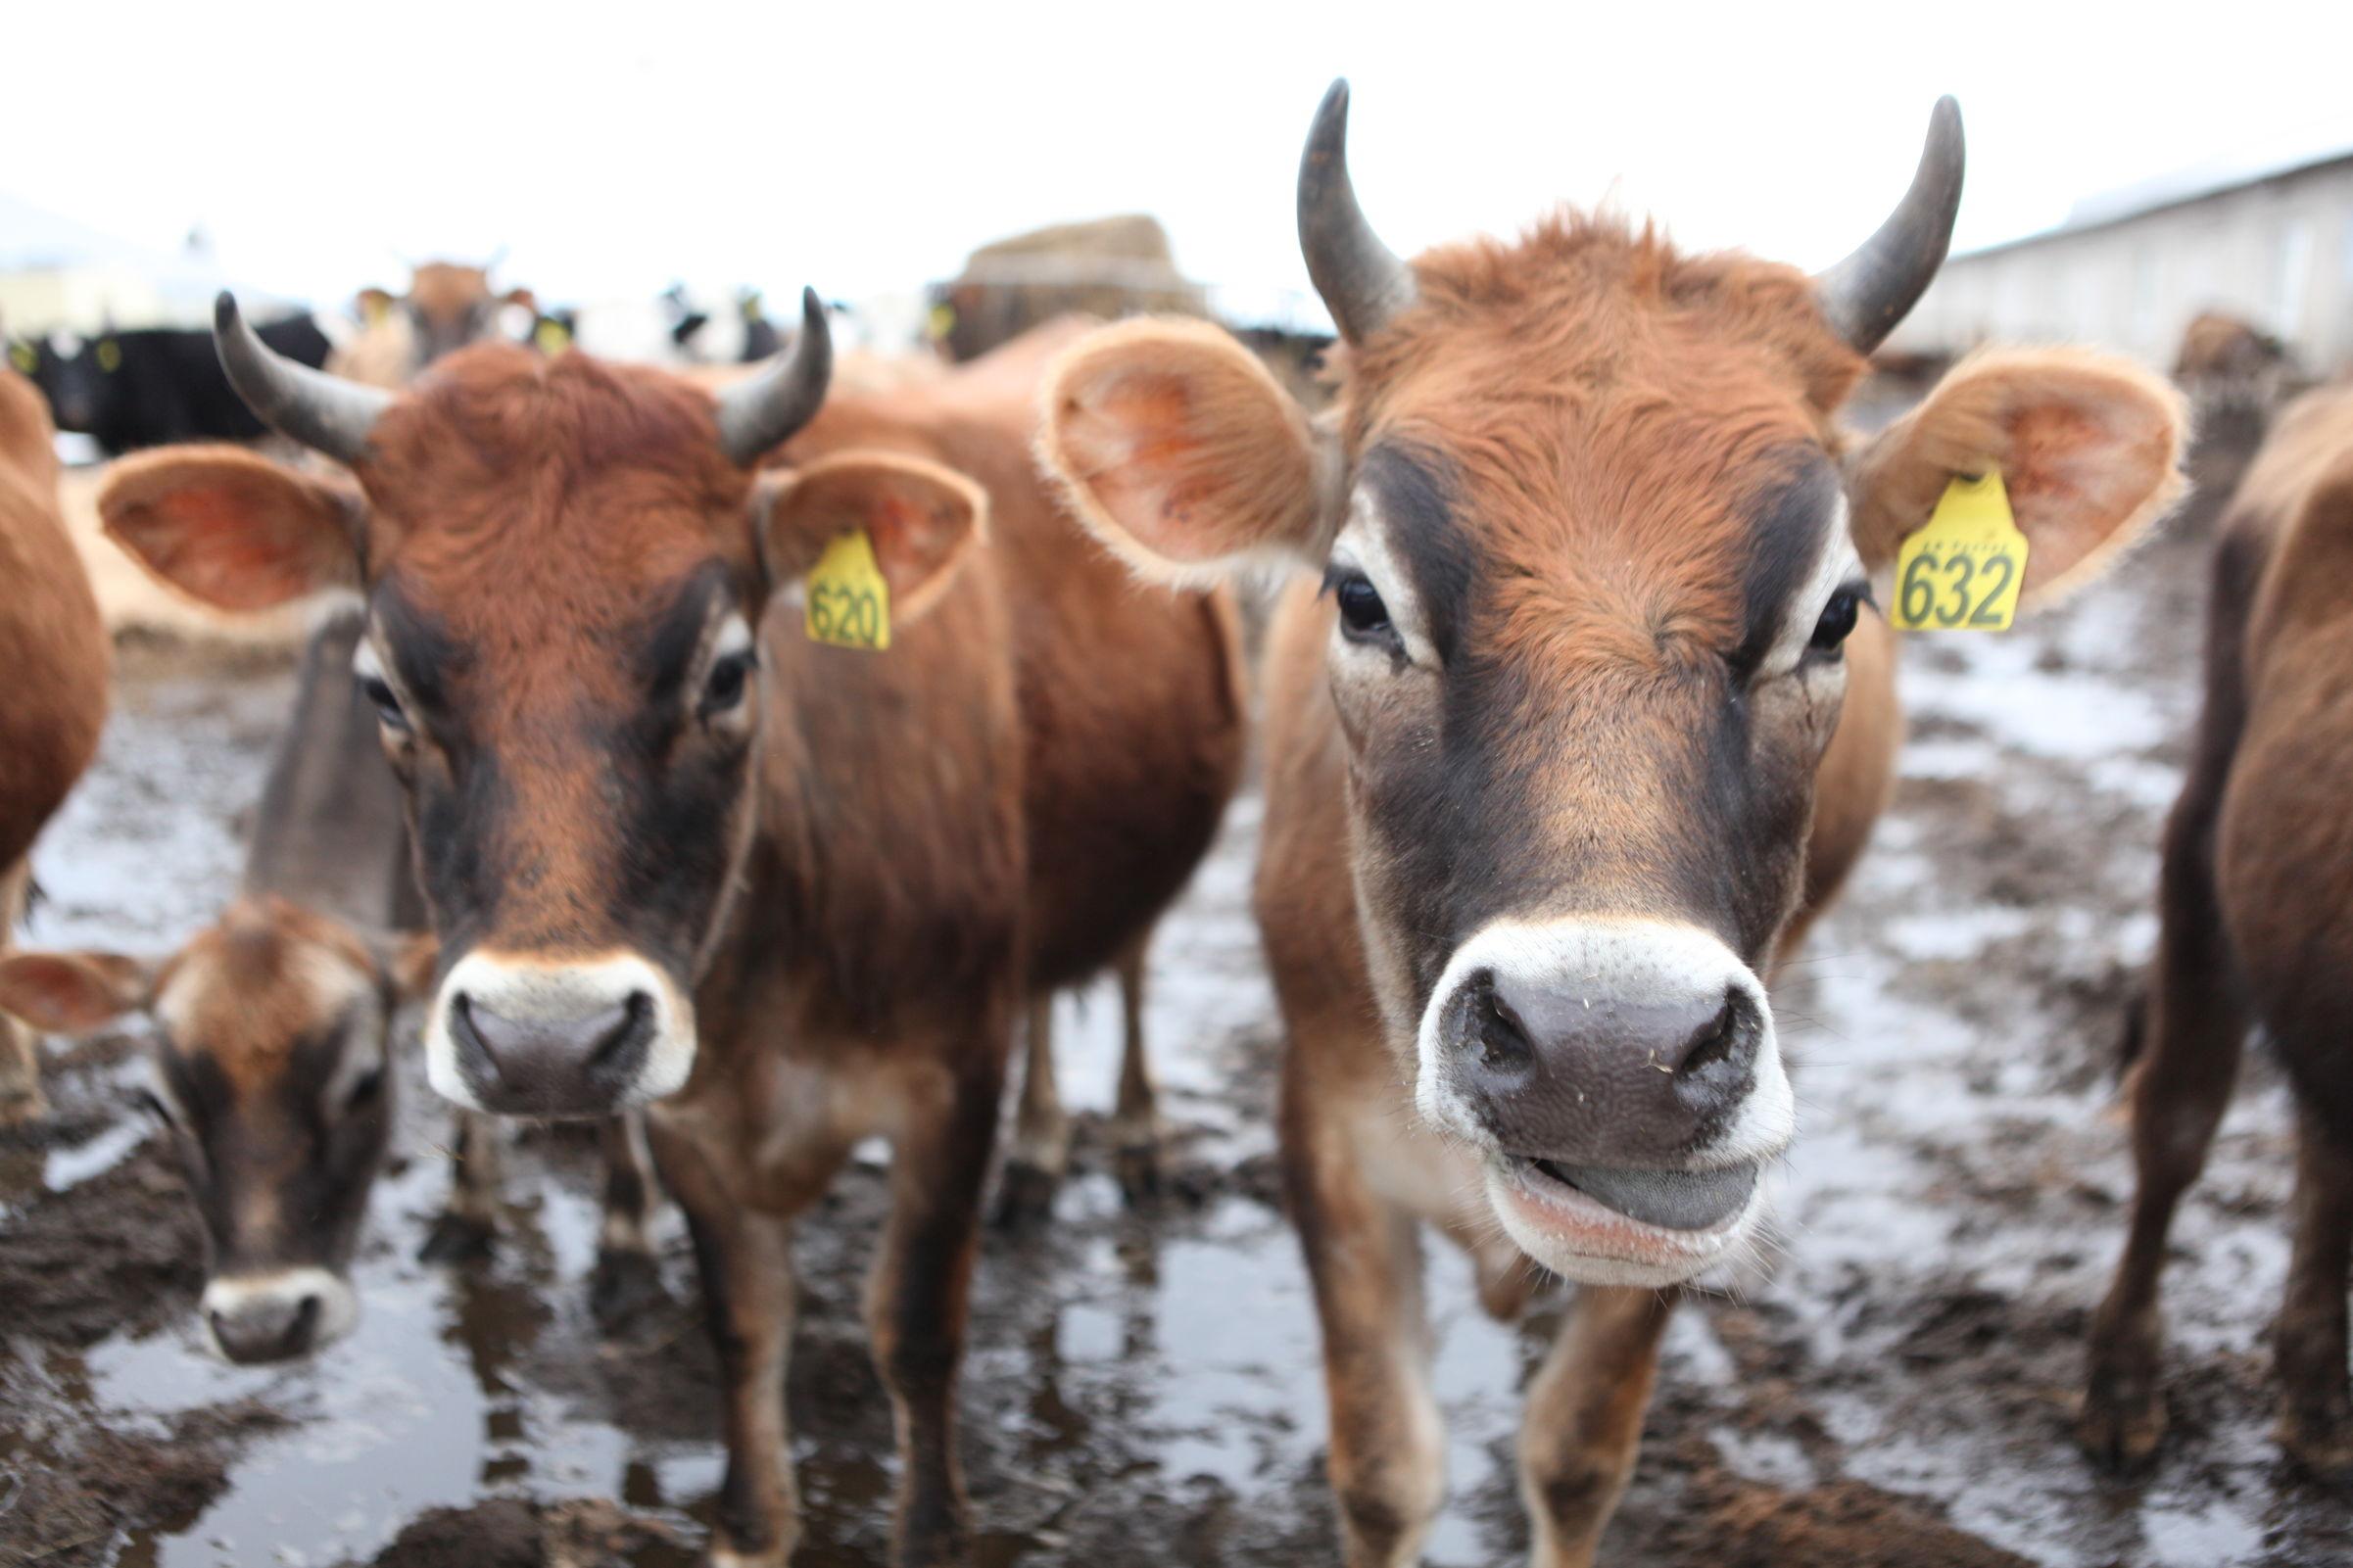 Завод «Красный маяк» увеличил объемы производства молока на 3 тысячи литров в сутки